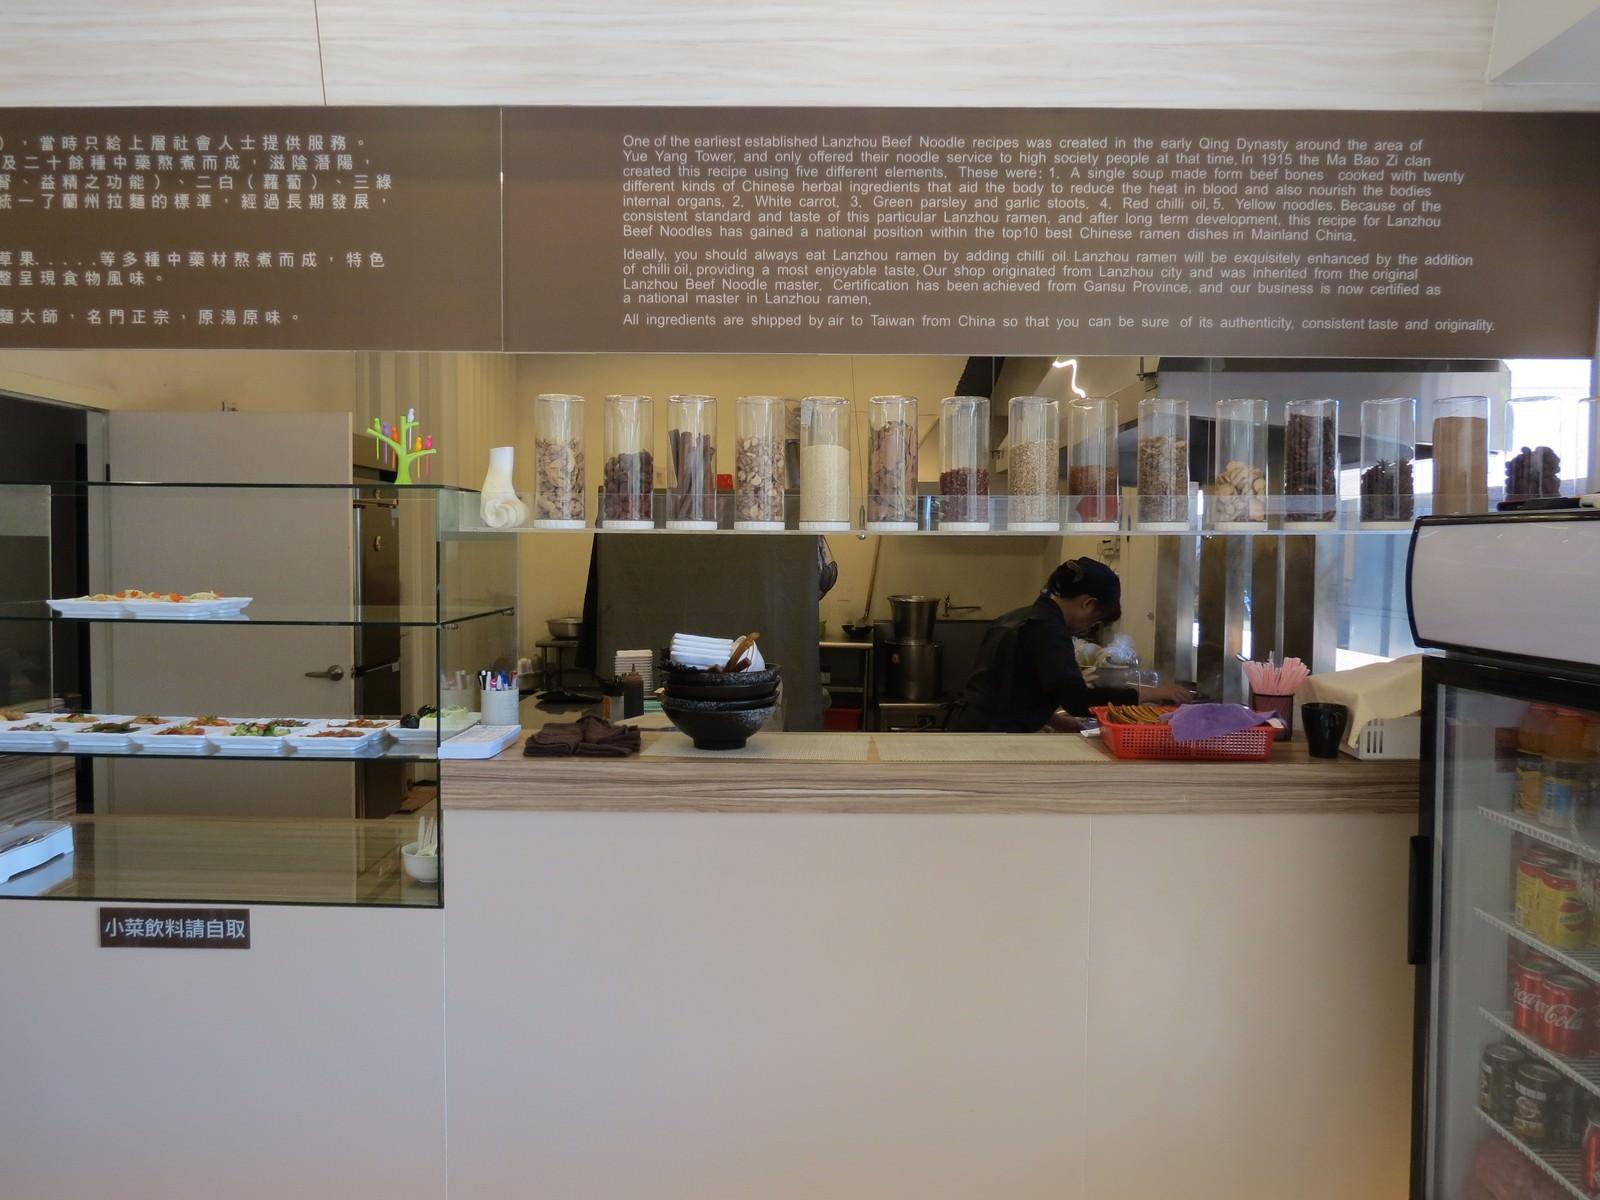 舌尖吧蘭州拉麵, 用餐環境